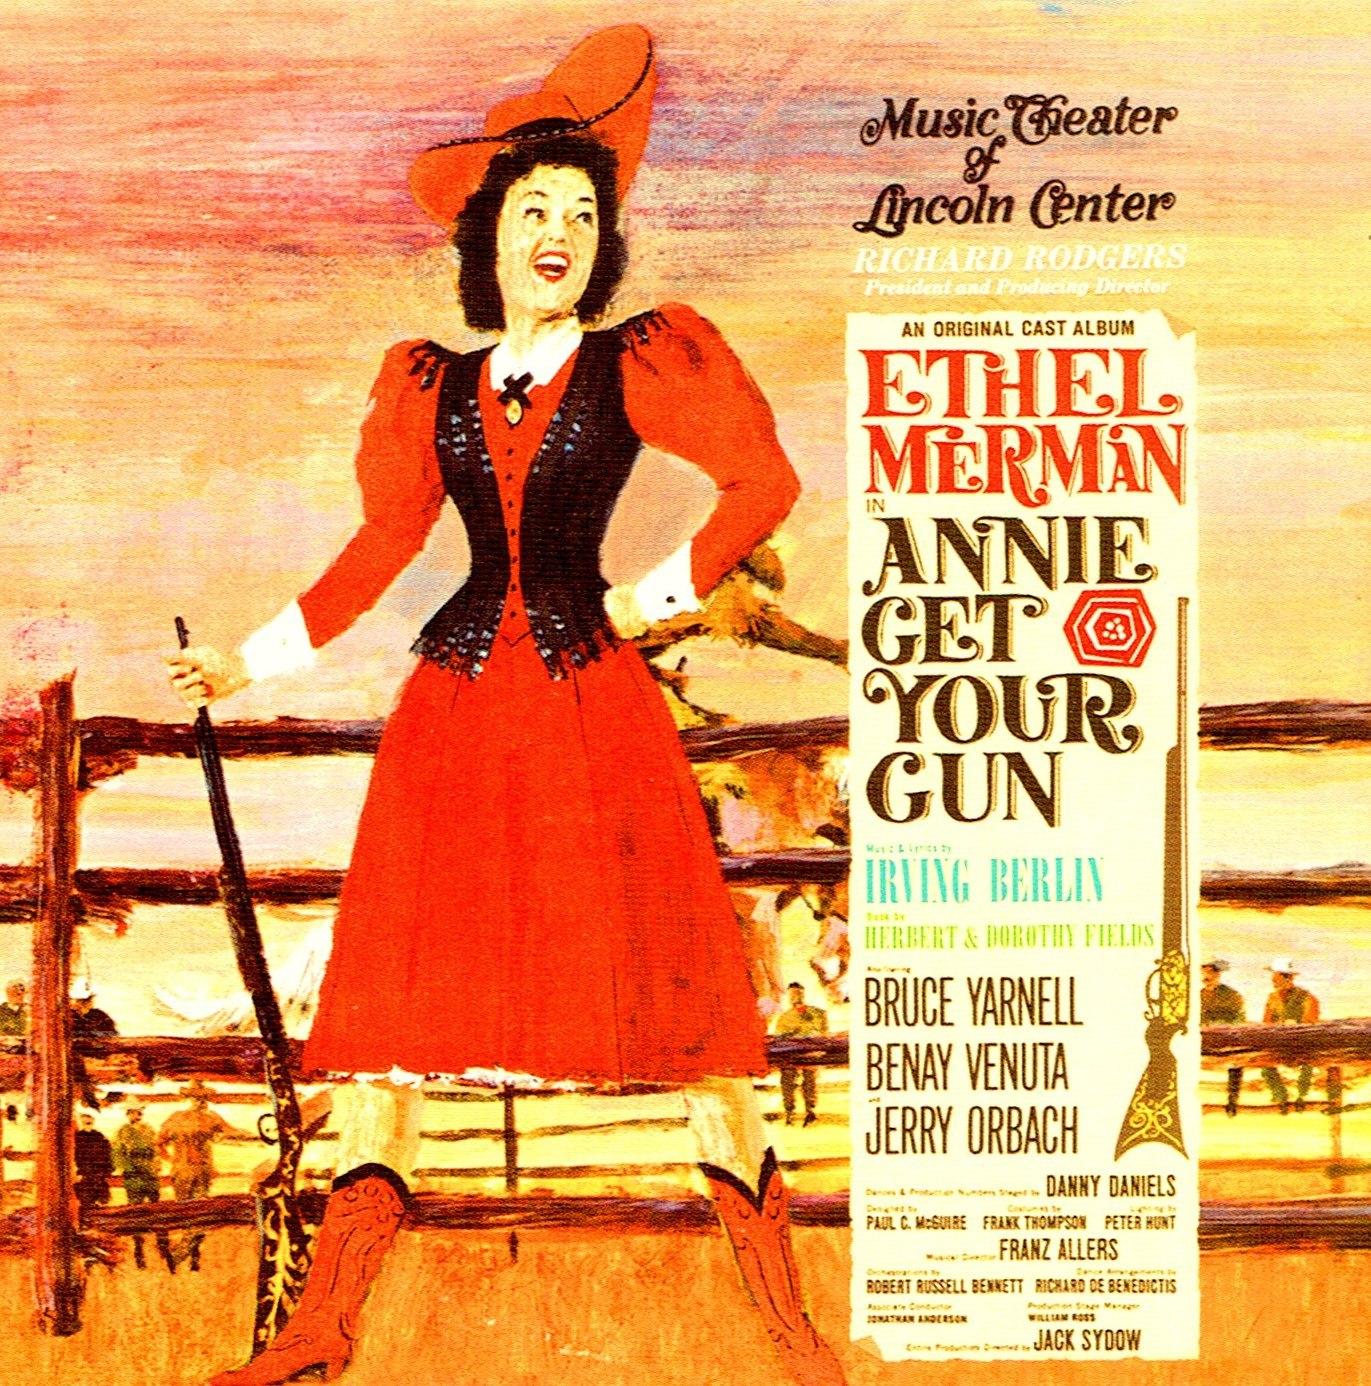 1966年再演版CD。バーリンはこの公演のために、新曲〈昔ながらの結婚式〉を書き下ろした(輸入盤)。